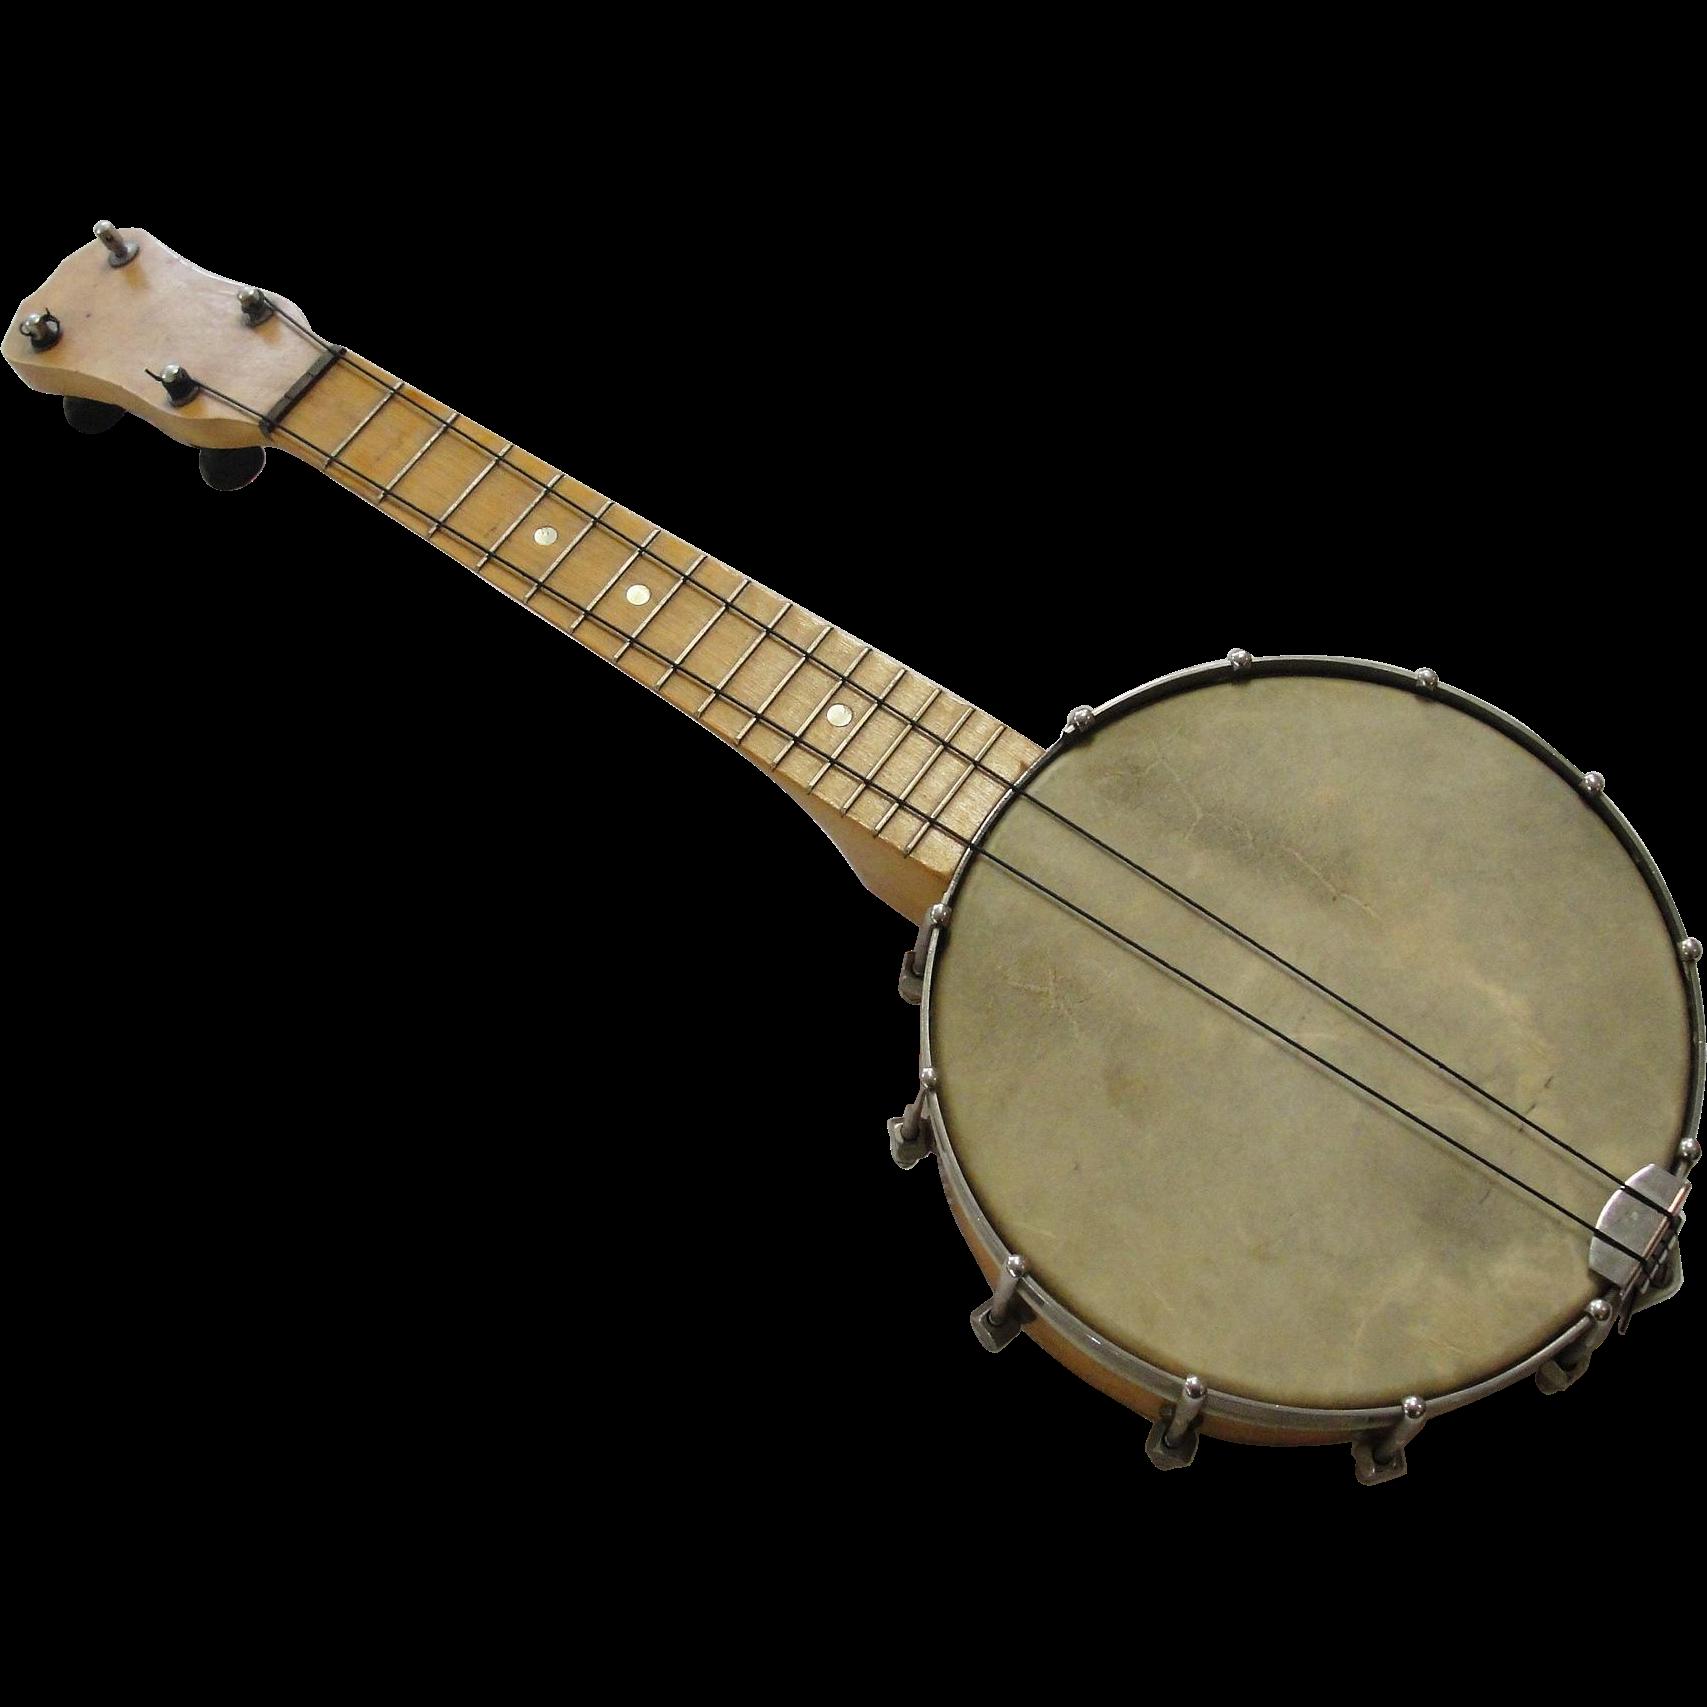 Vintage Concertone Banjo Ukulele Banjolele Musical Instrument